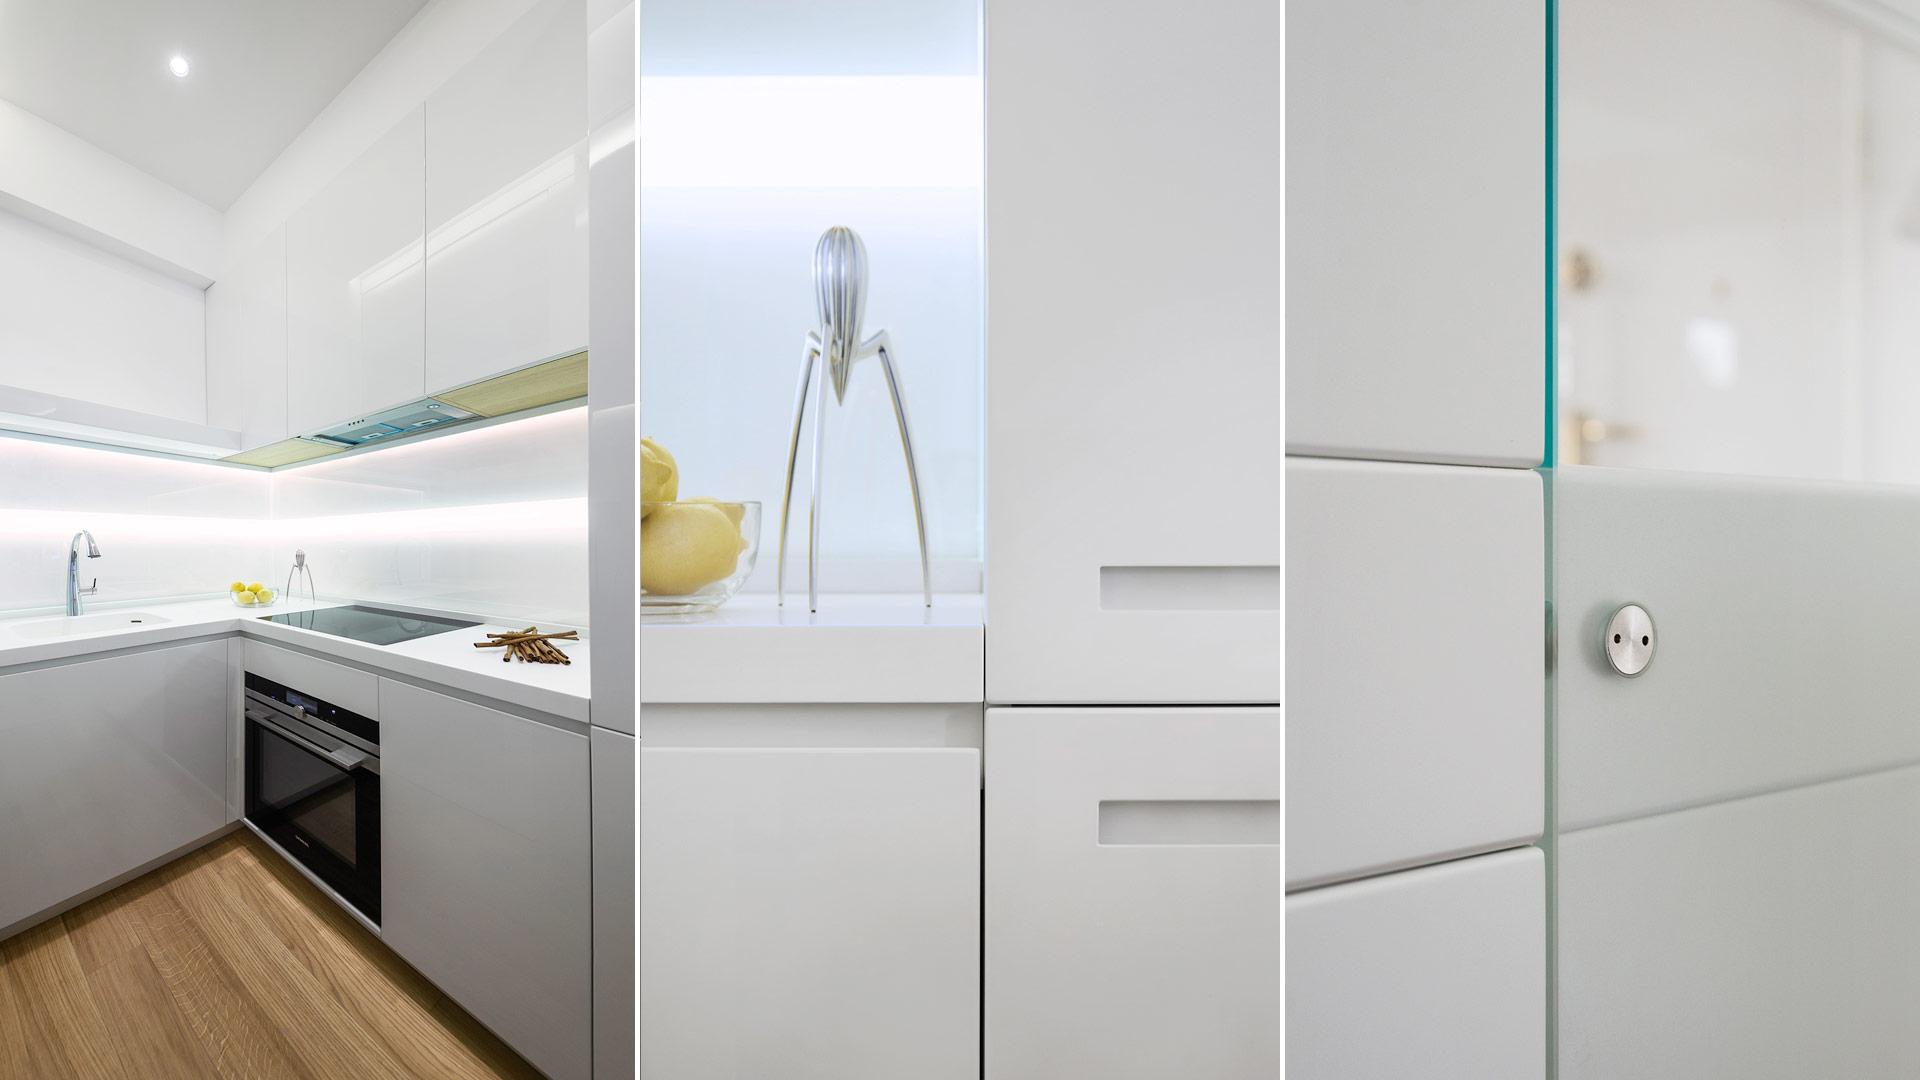 Progetto Contract Interior Design appartamento privato Roma - Area-contract-Cicchetti-09